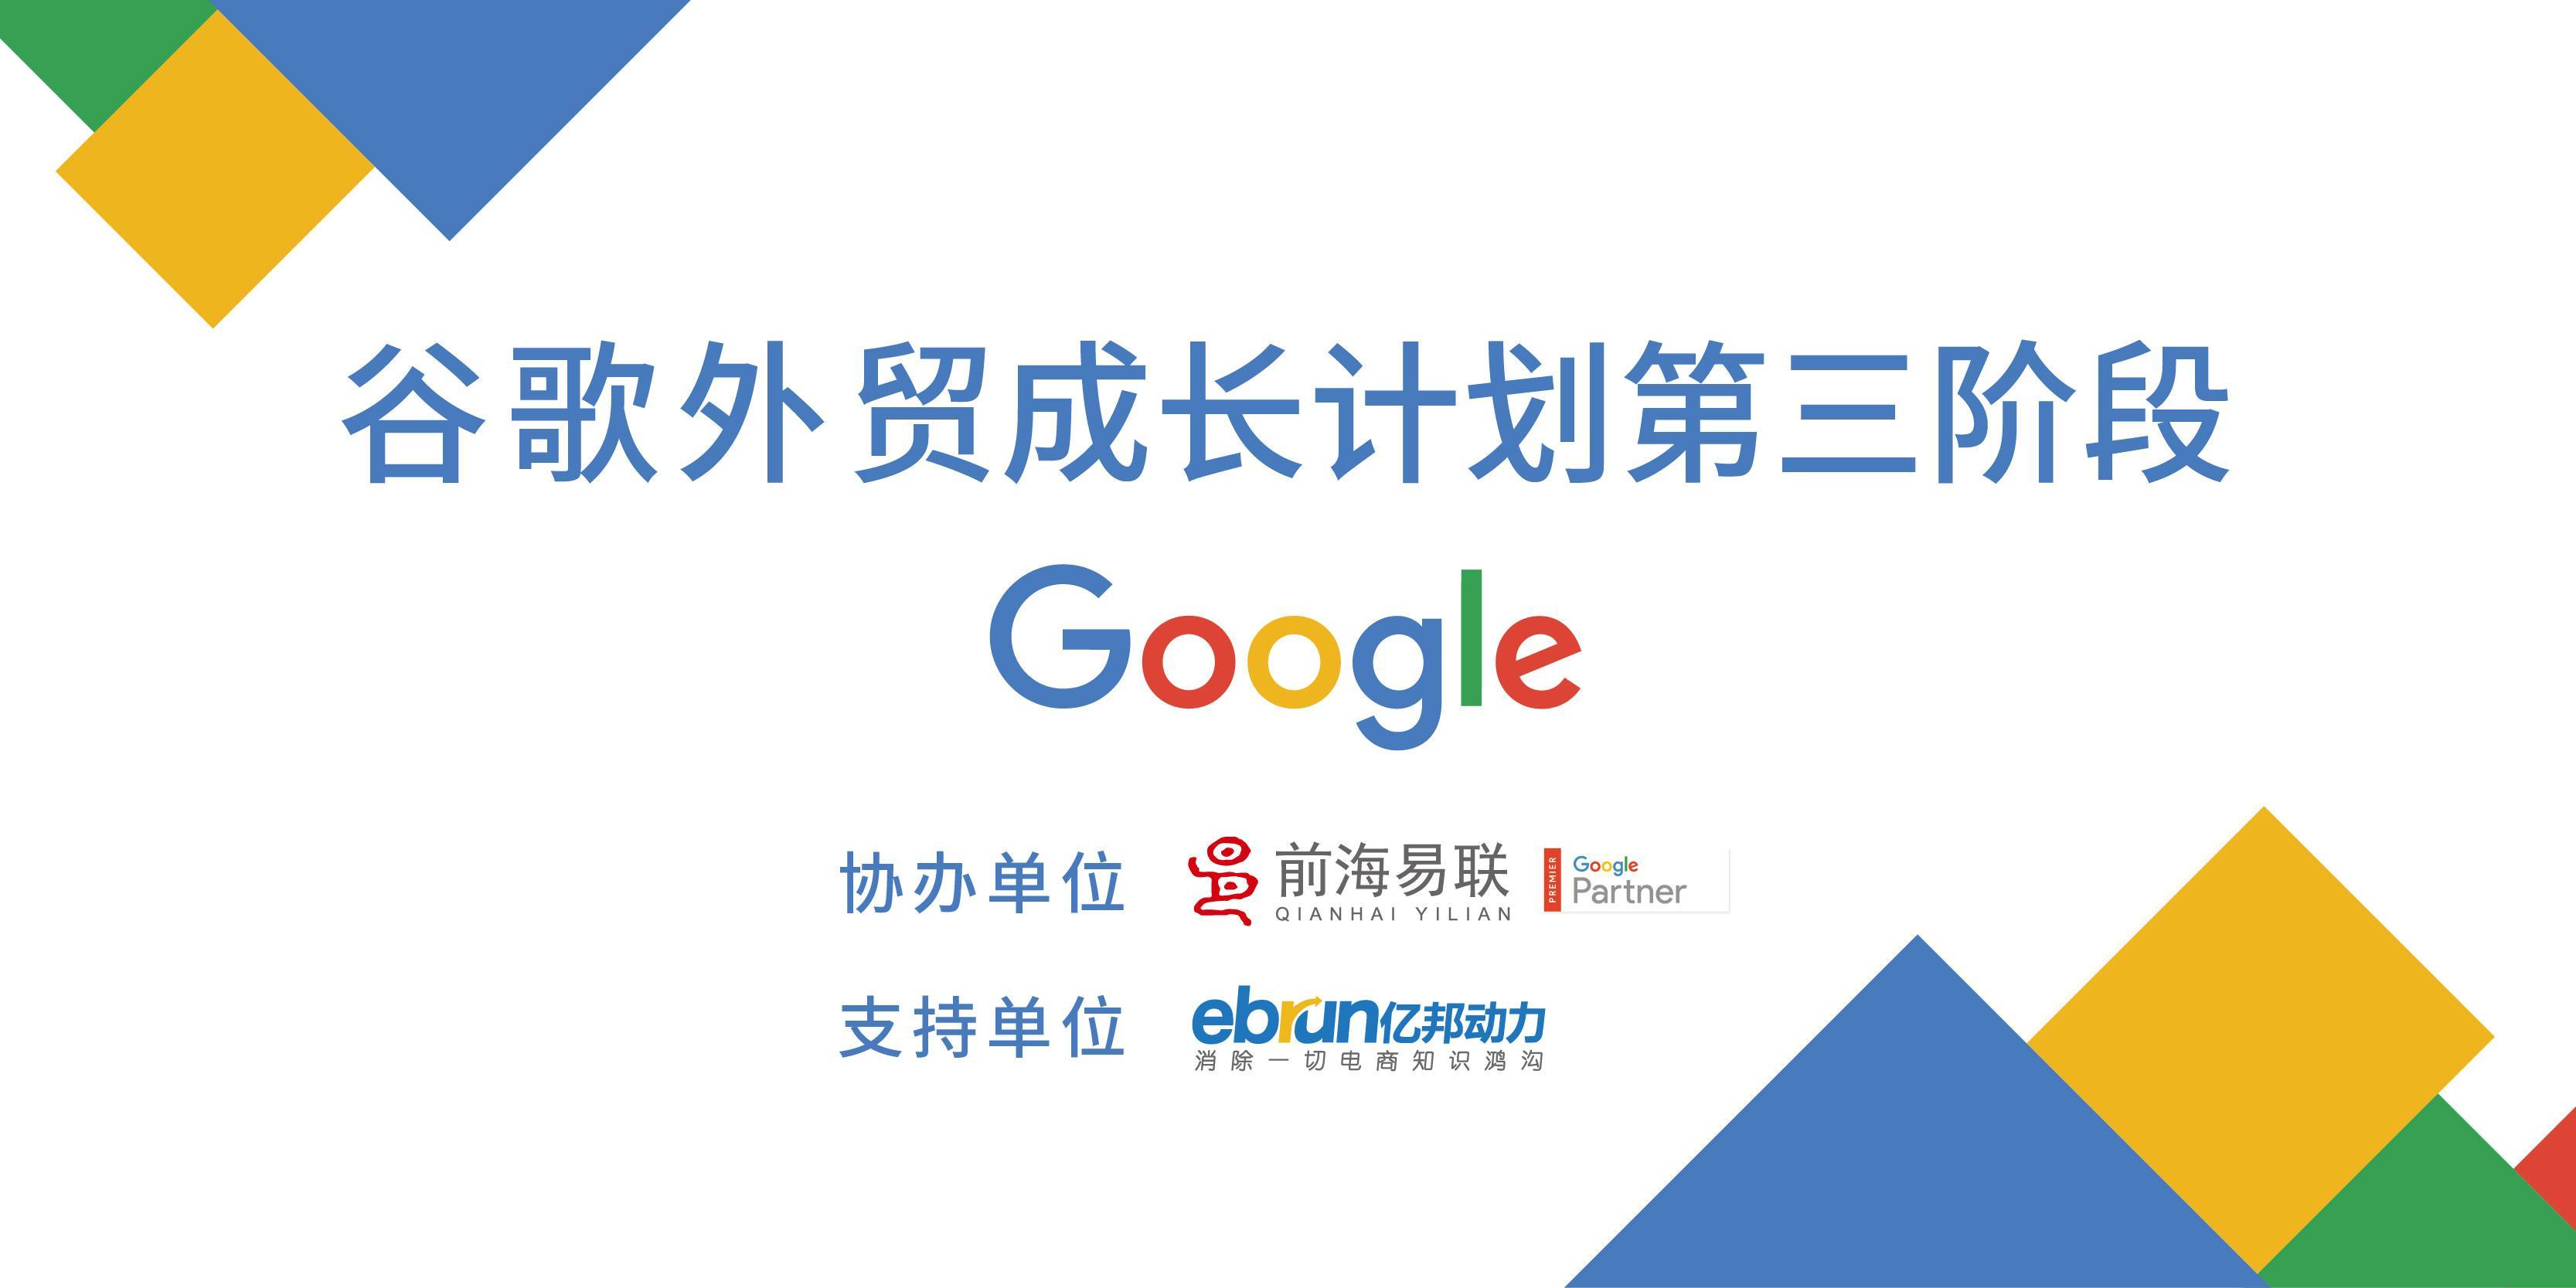 谷歌外贸成长计划第三阶段将在佛山举办